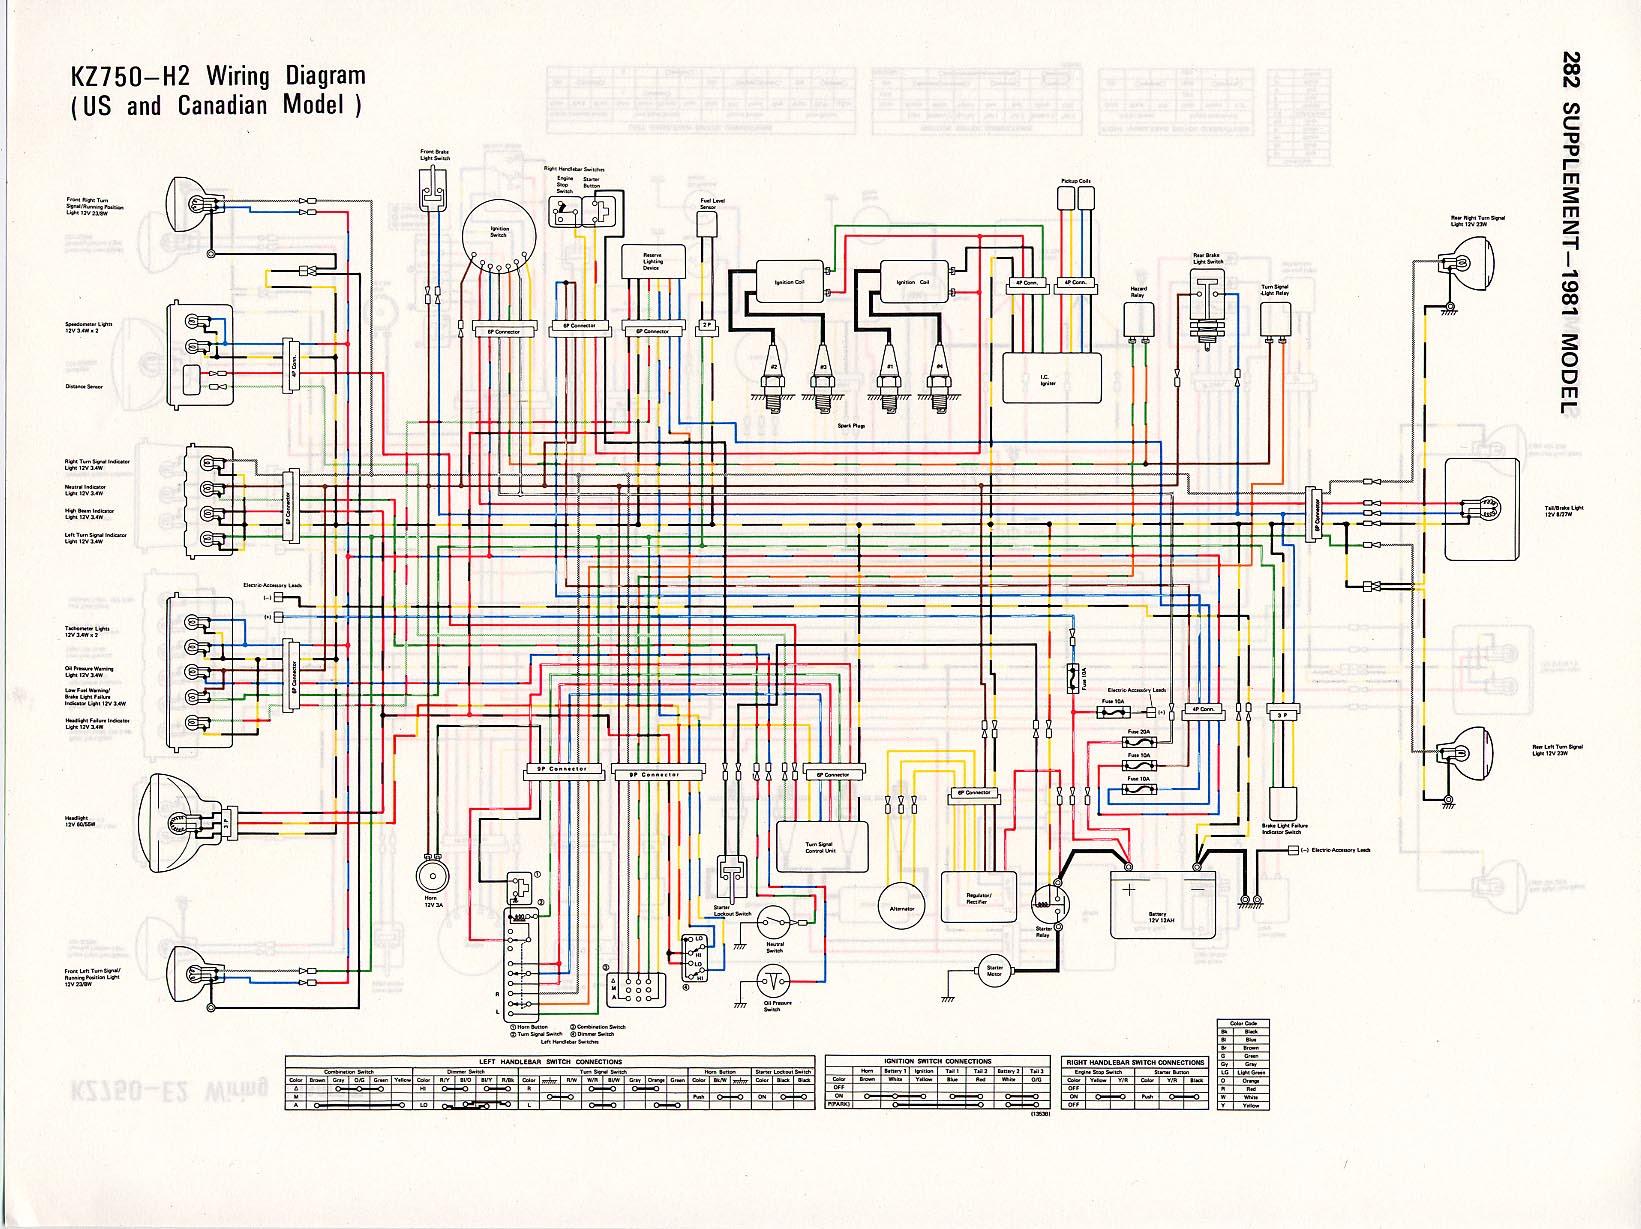 Hummer H2 Wiring Diagram 2004 Bmw X3 Wiring Harness Begeboy Wiring Diagram Source